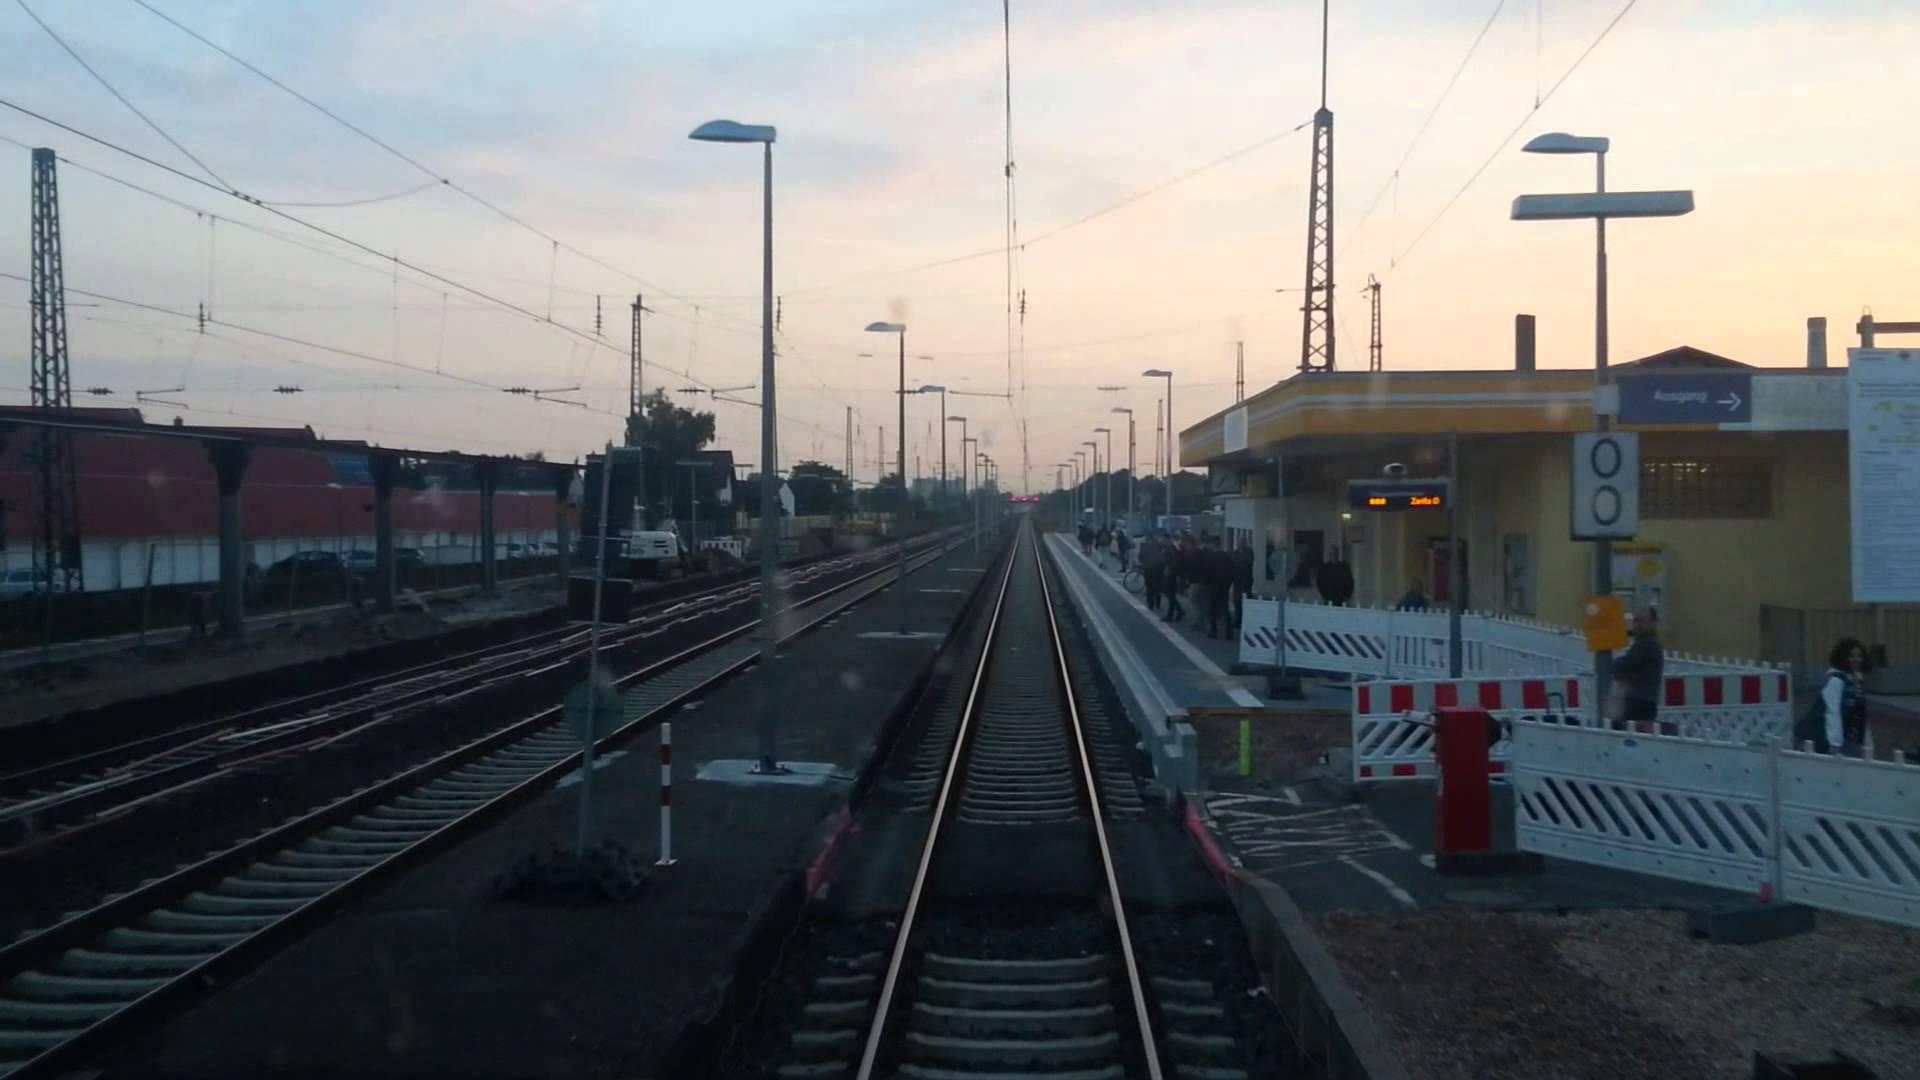 Führerstandsfahrt,Mittelrheinbahn,Spätsommer Morgengrauen,Oberwesel-Bacharach-Mainz,Desiro ML